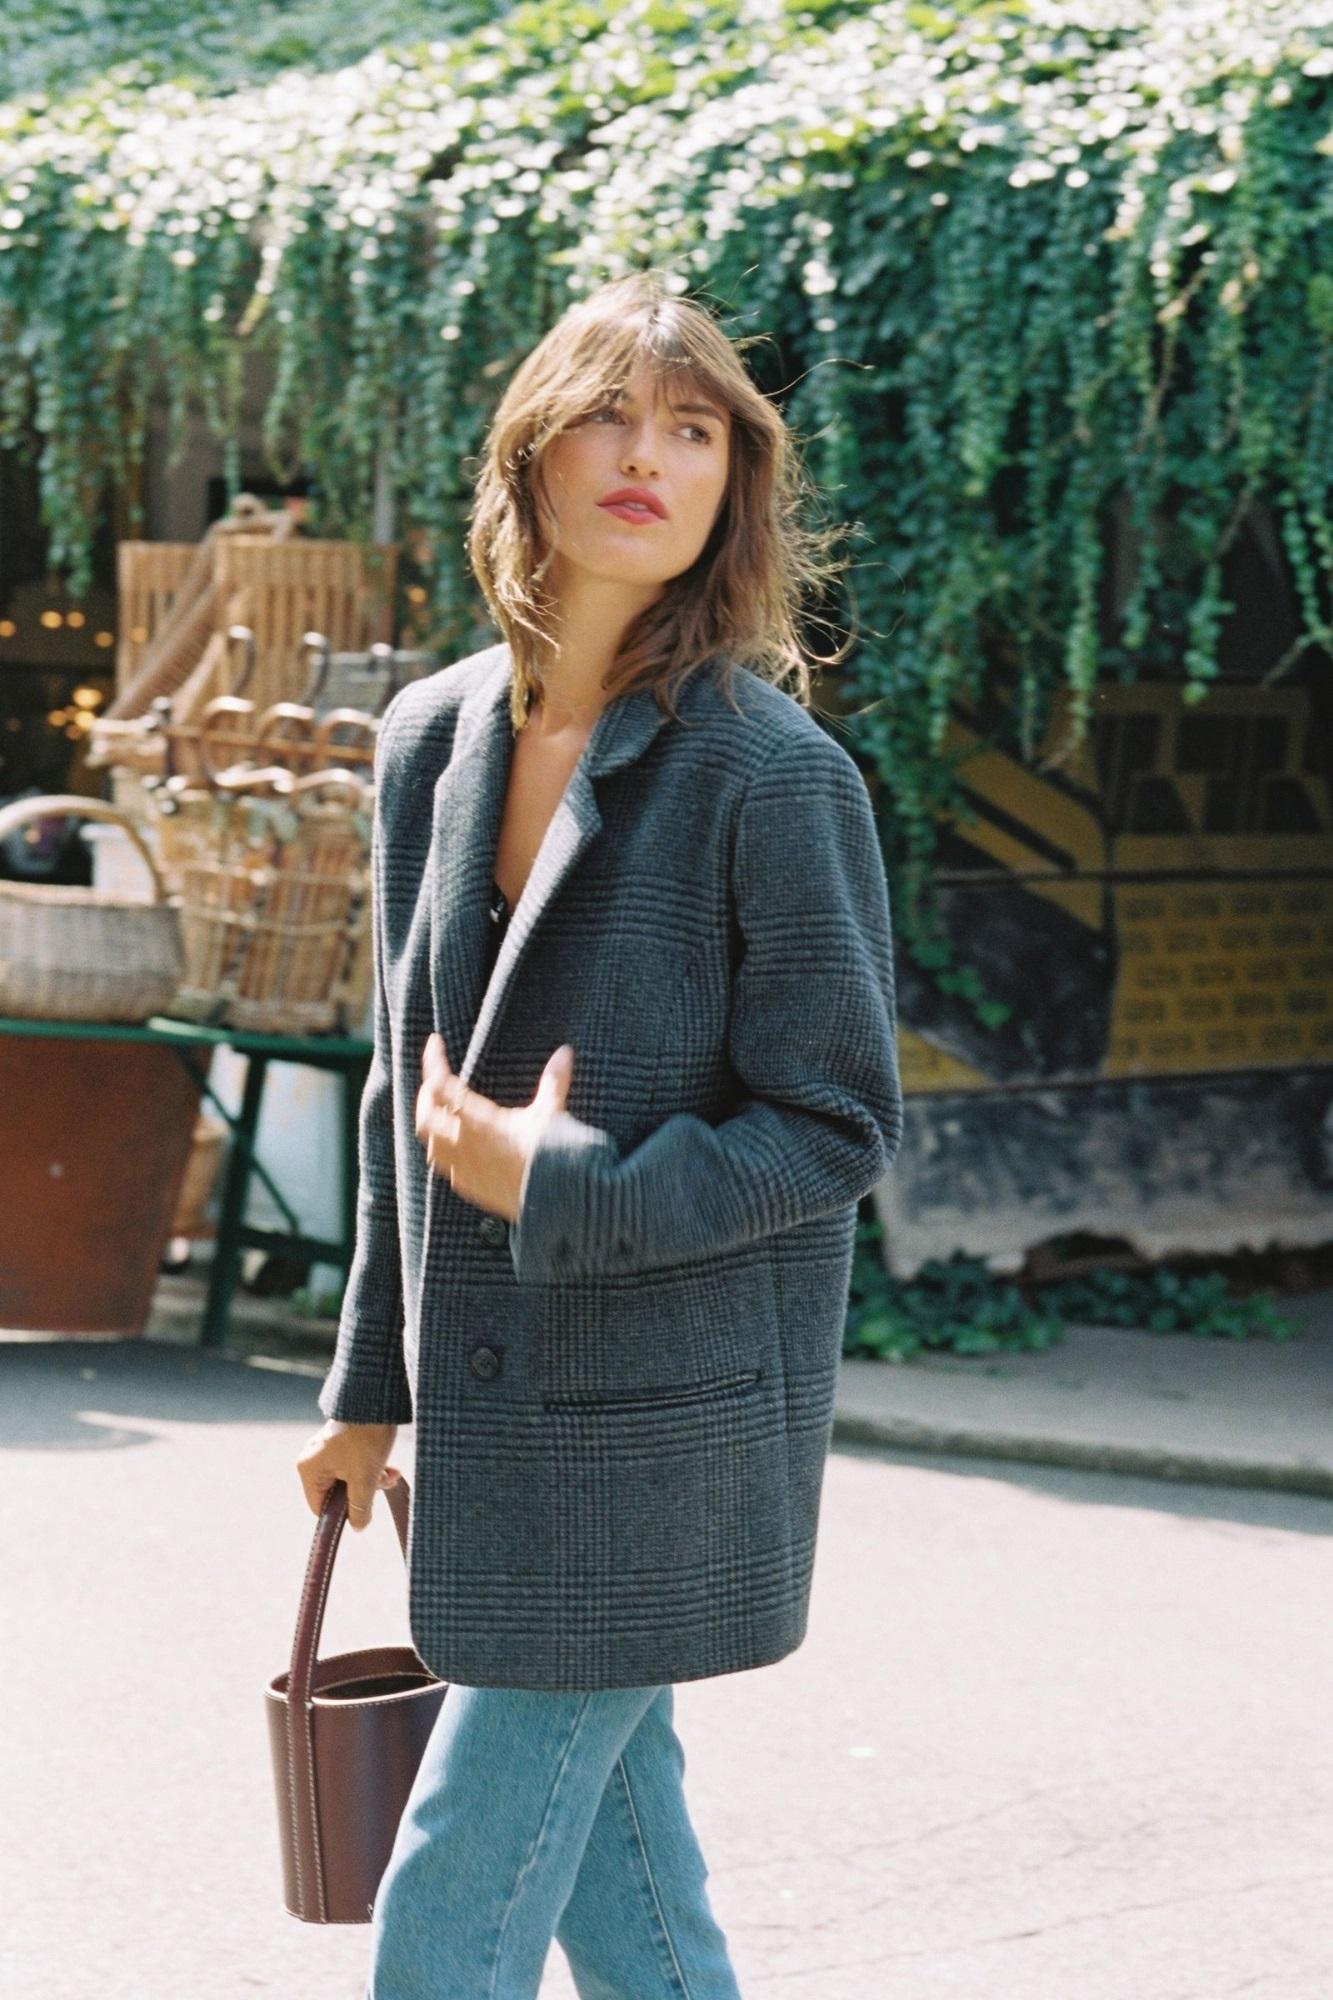 Hội IT Girl nước Pháp có đến 9 bí kíp diện đồ để không bao giờ mặc xấu, chỉ thanh lịch và sang chảnh trở lên - Ảnh 22